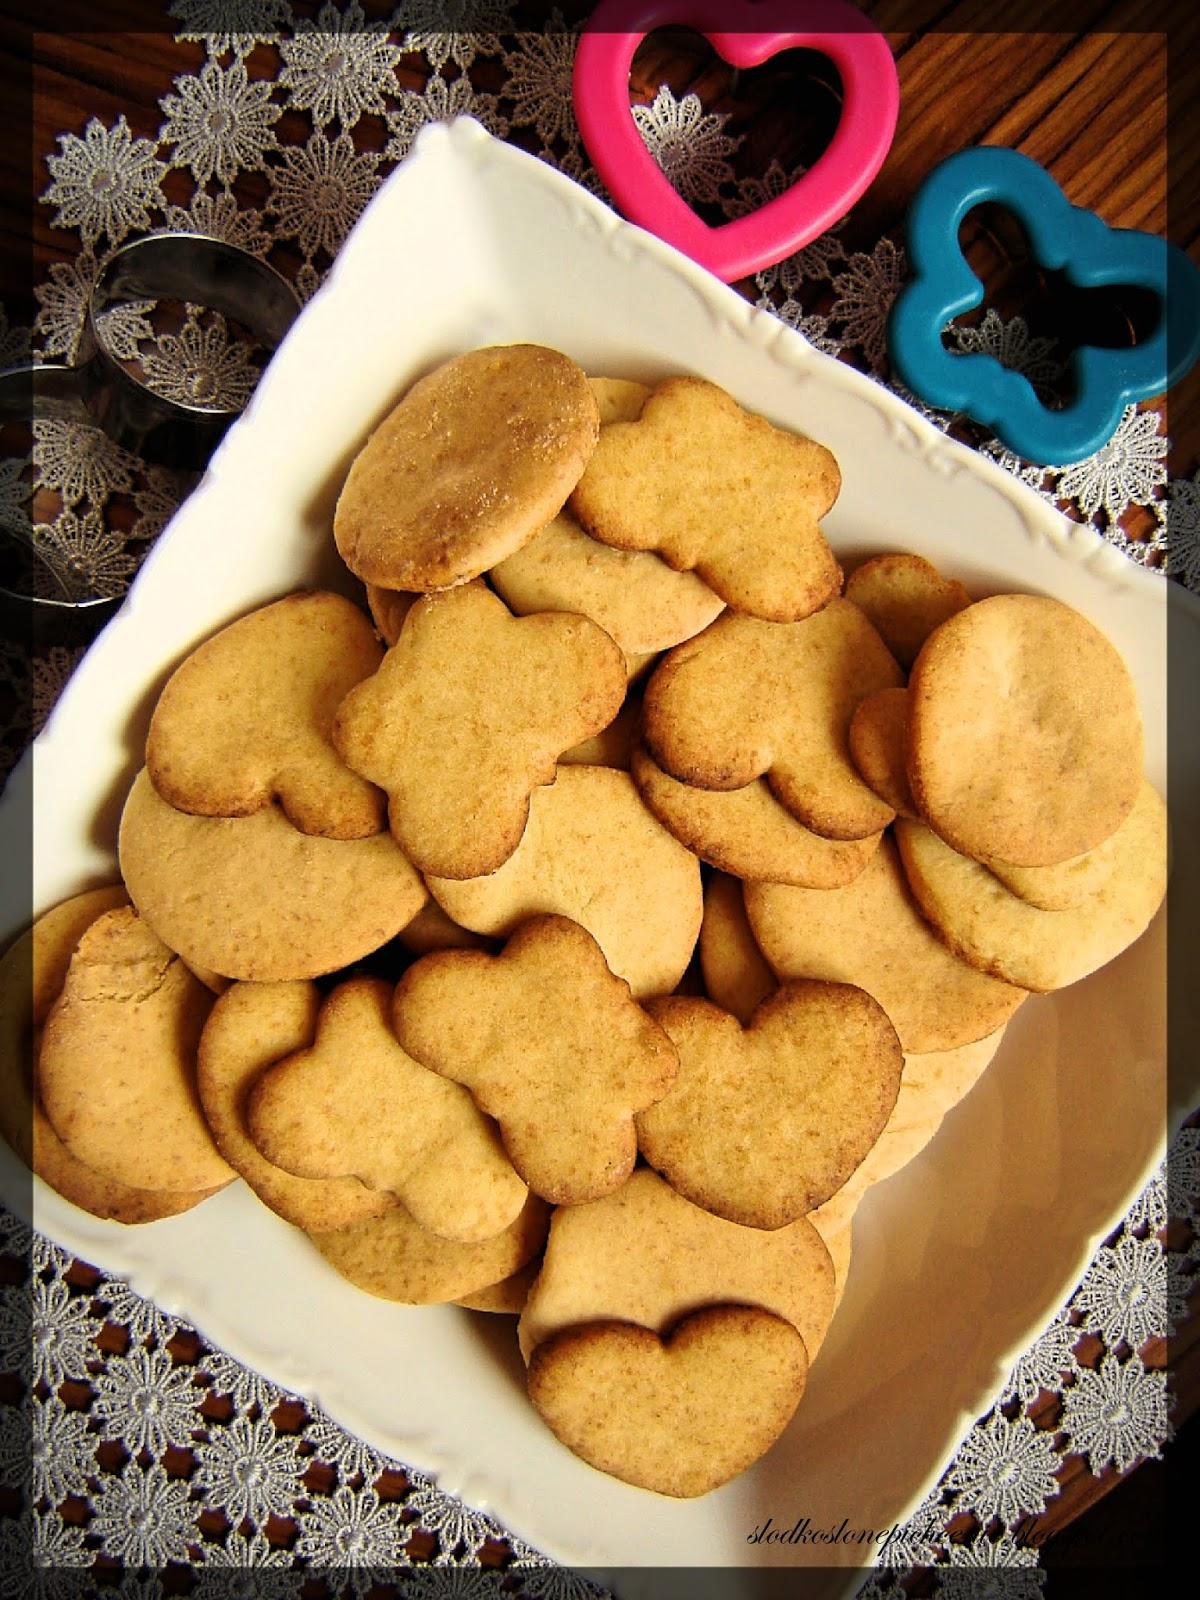 Kruche ciasteczka miodowe